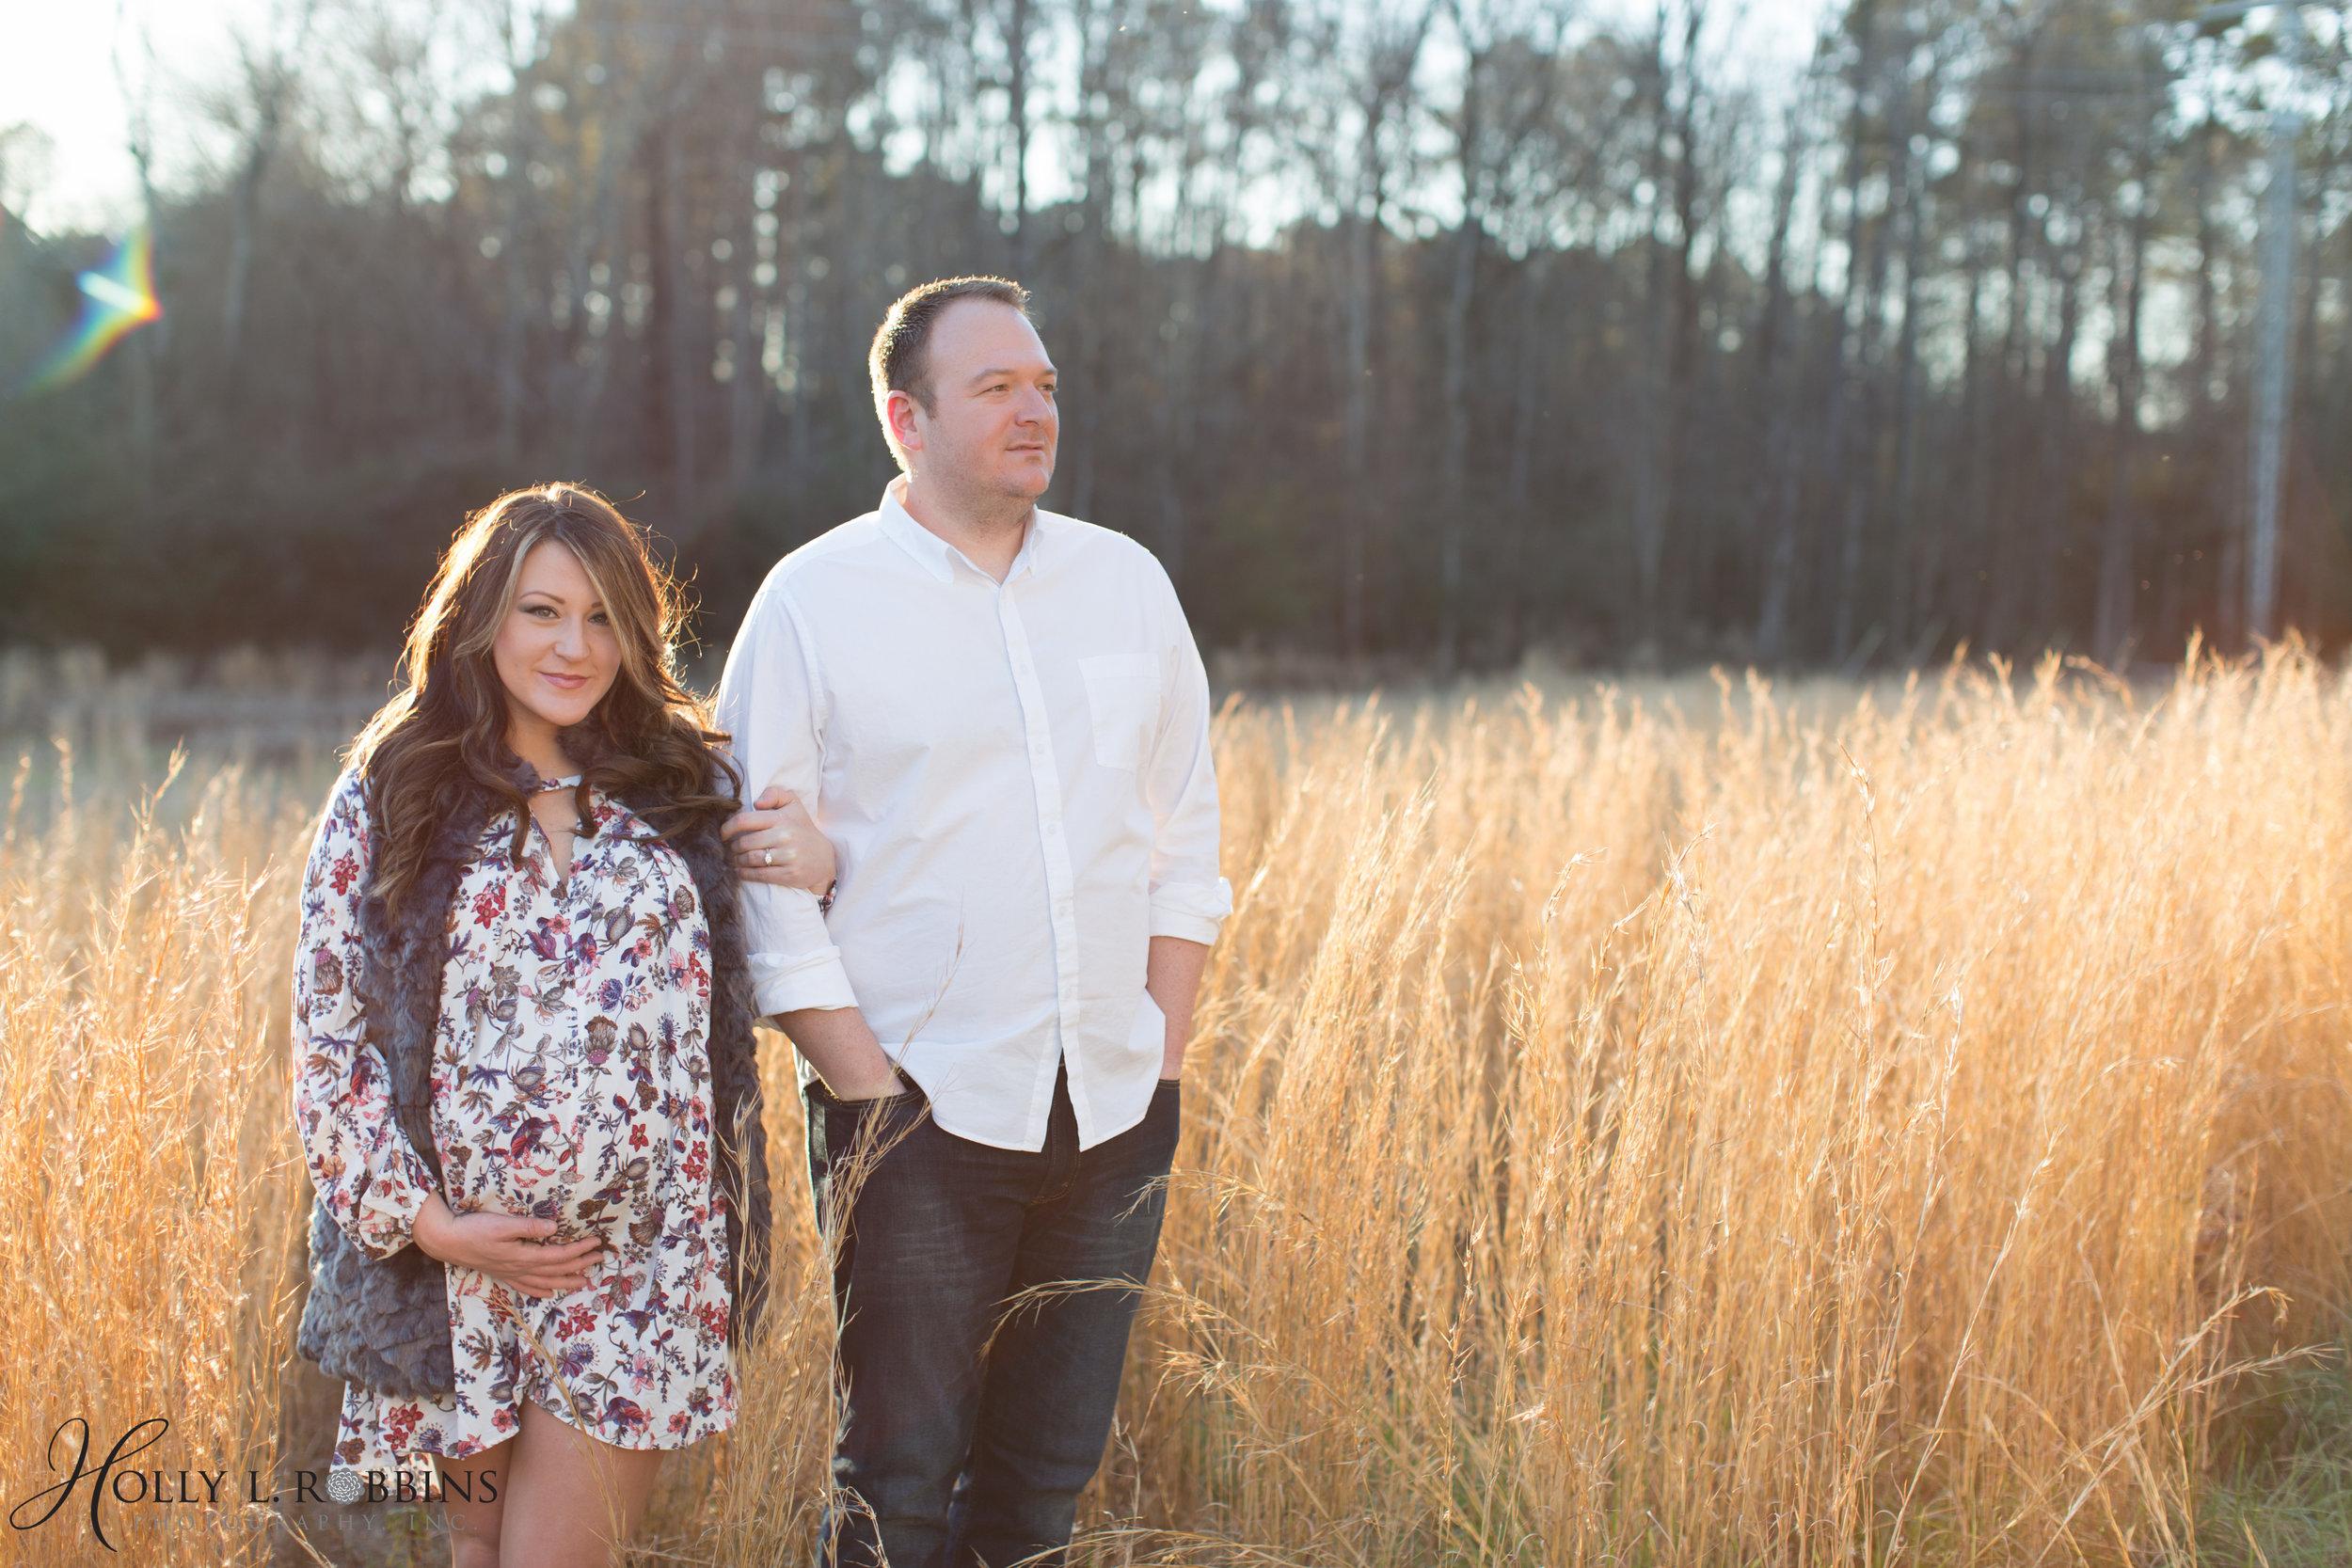 Social_Circle_Ga_Maternity_Photographers_Holly_L_Robbins-5